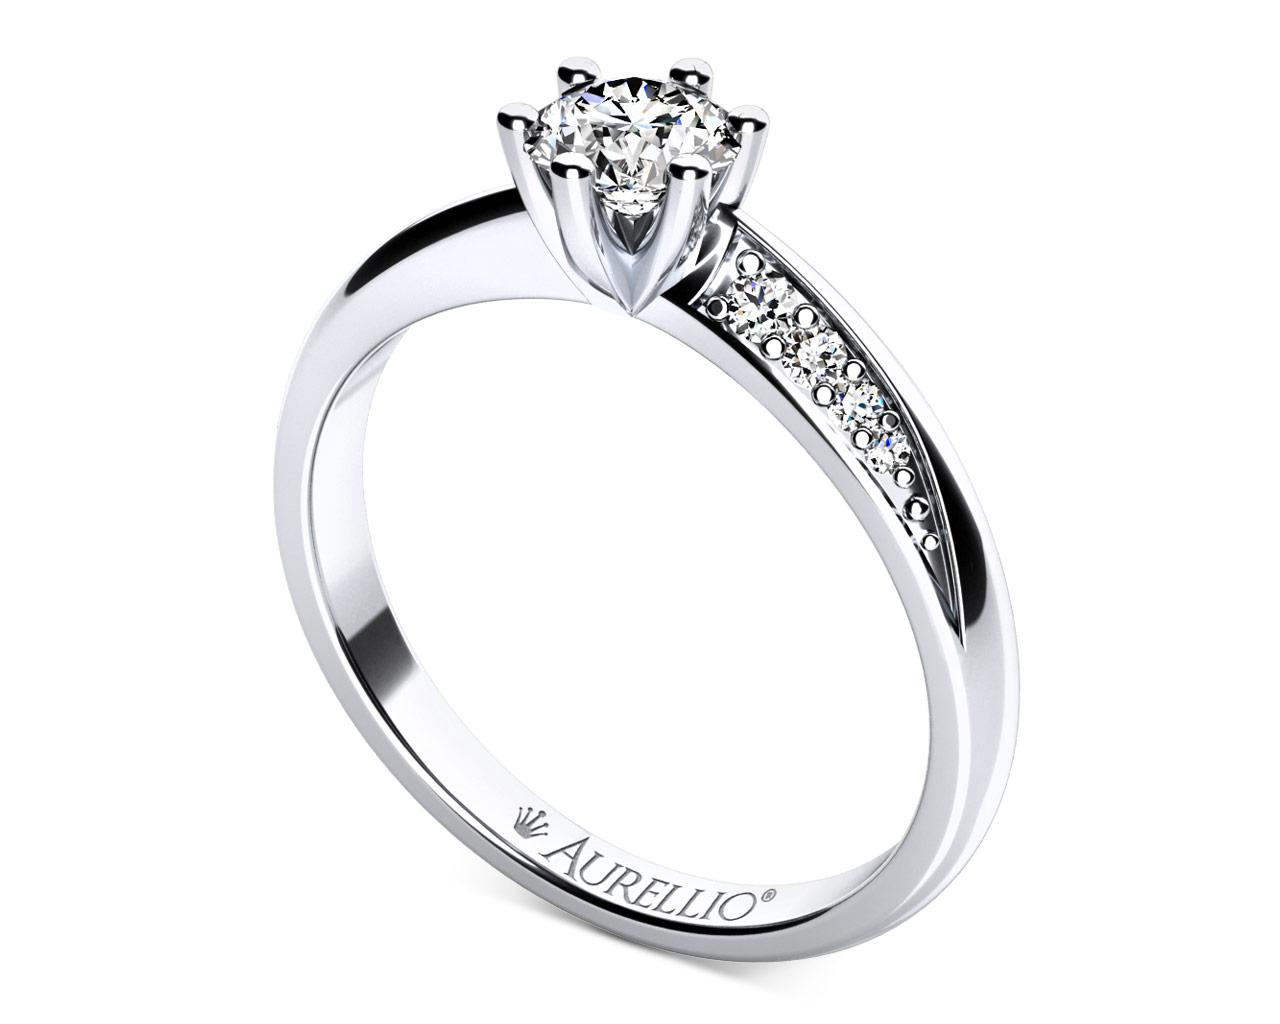 Zásnubní prsten - Kometa Clark 1. fotka